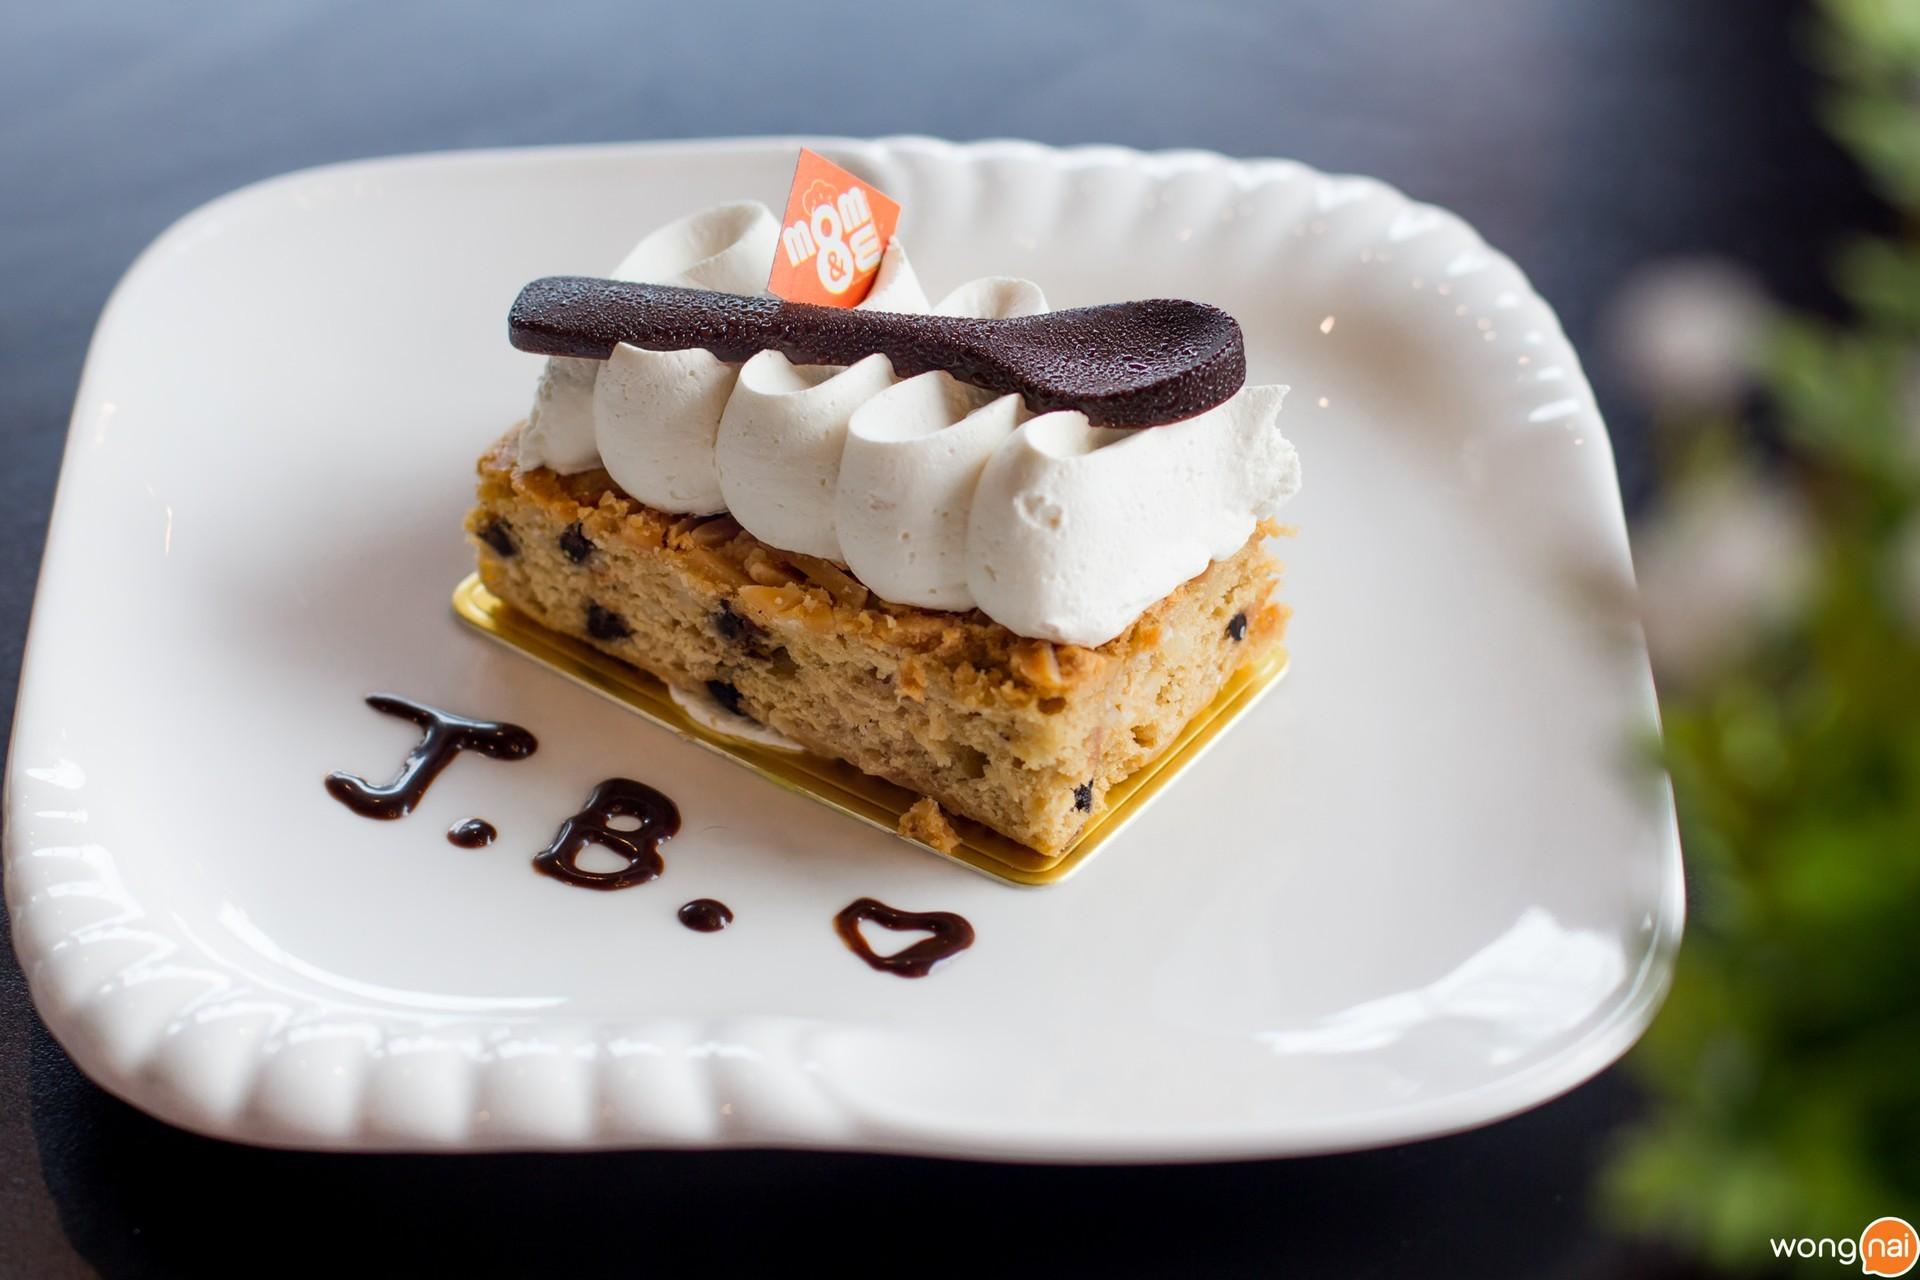 เค้กเกาลัด เนื้อนุ่มมีเอกลักษณ์ JB Grand Park นครศรีธรรมราช